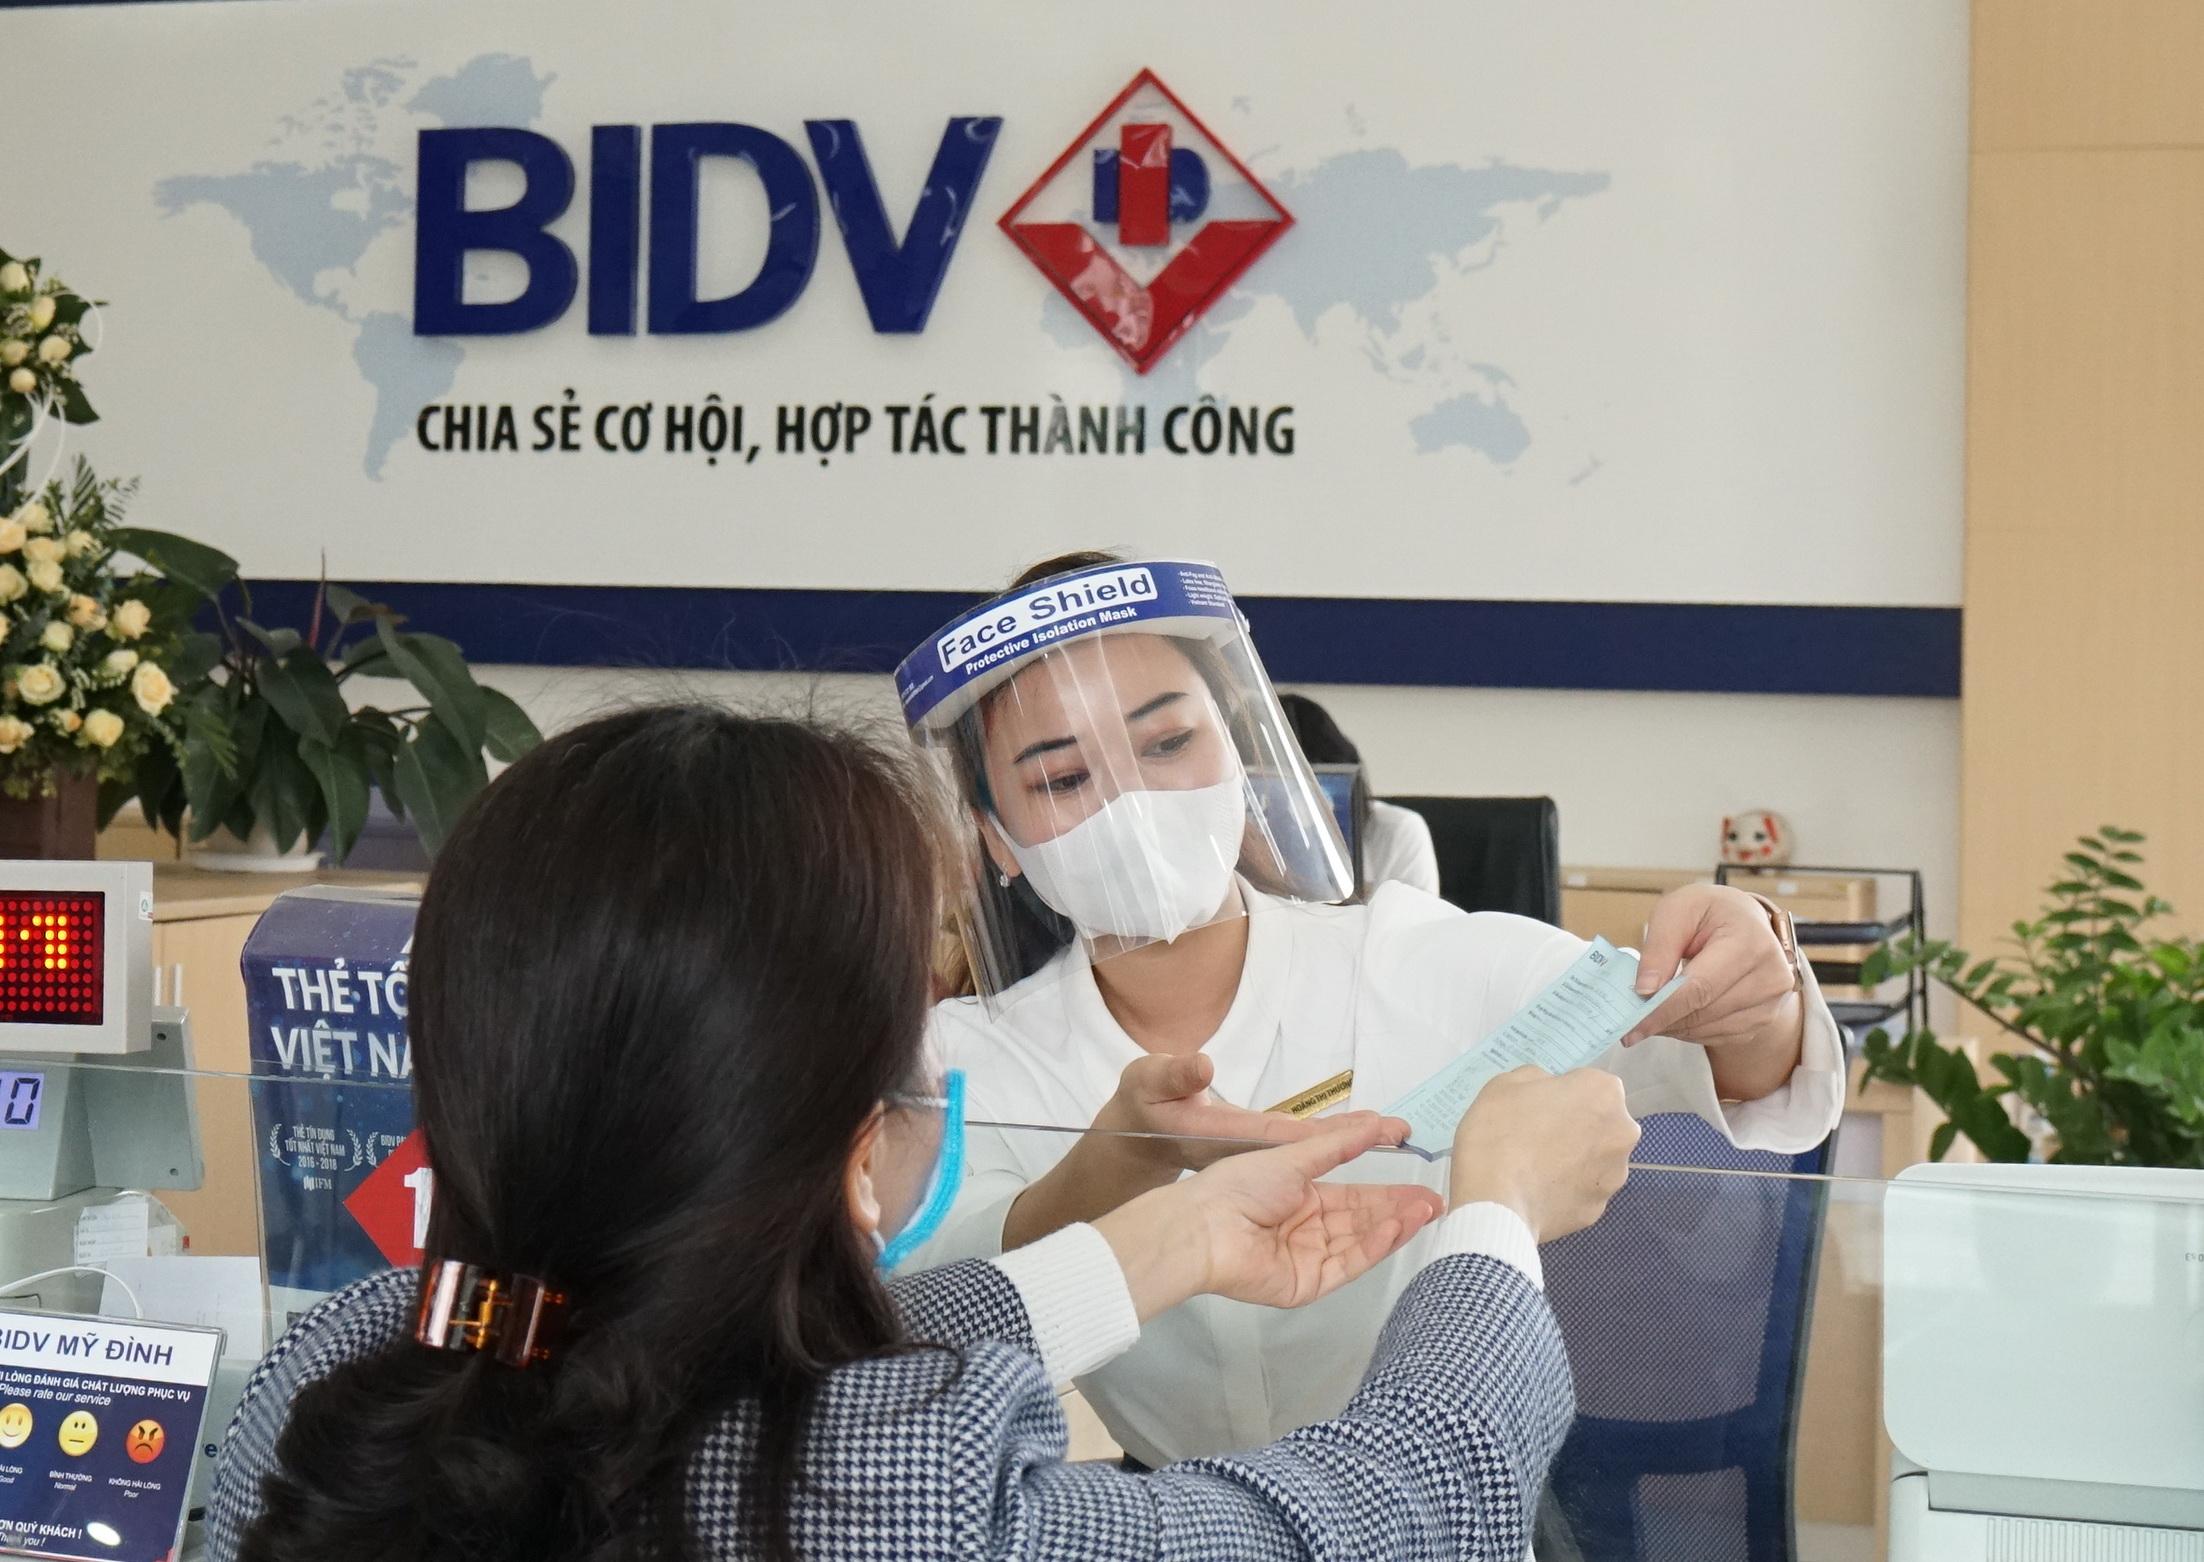 Cập nhật mới nhất về lãi suất ngân hàng BIDV tháng 5/2021 - Ảnh 1.